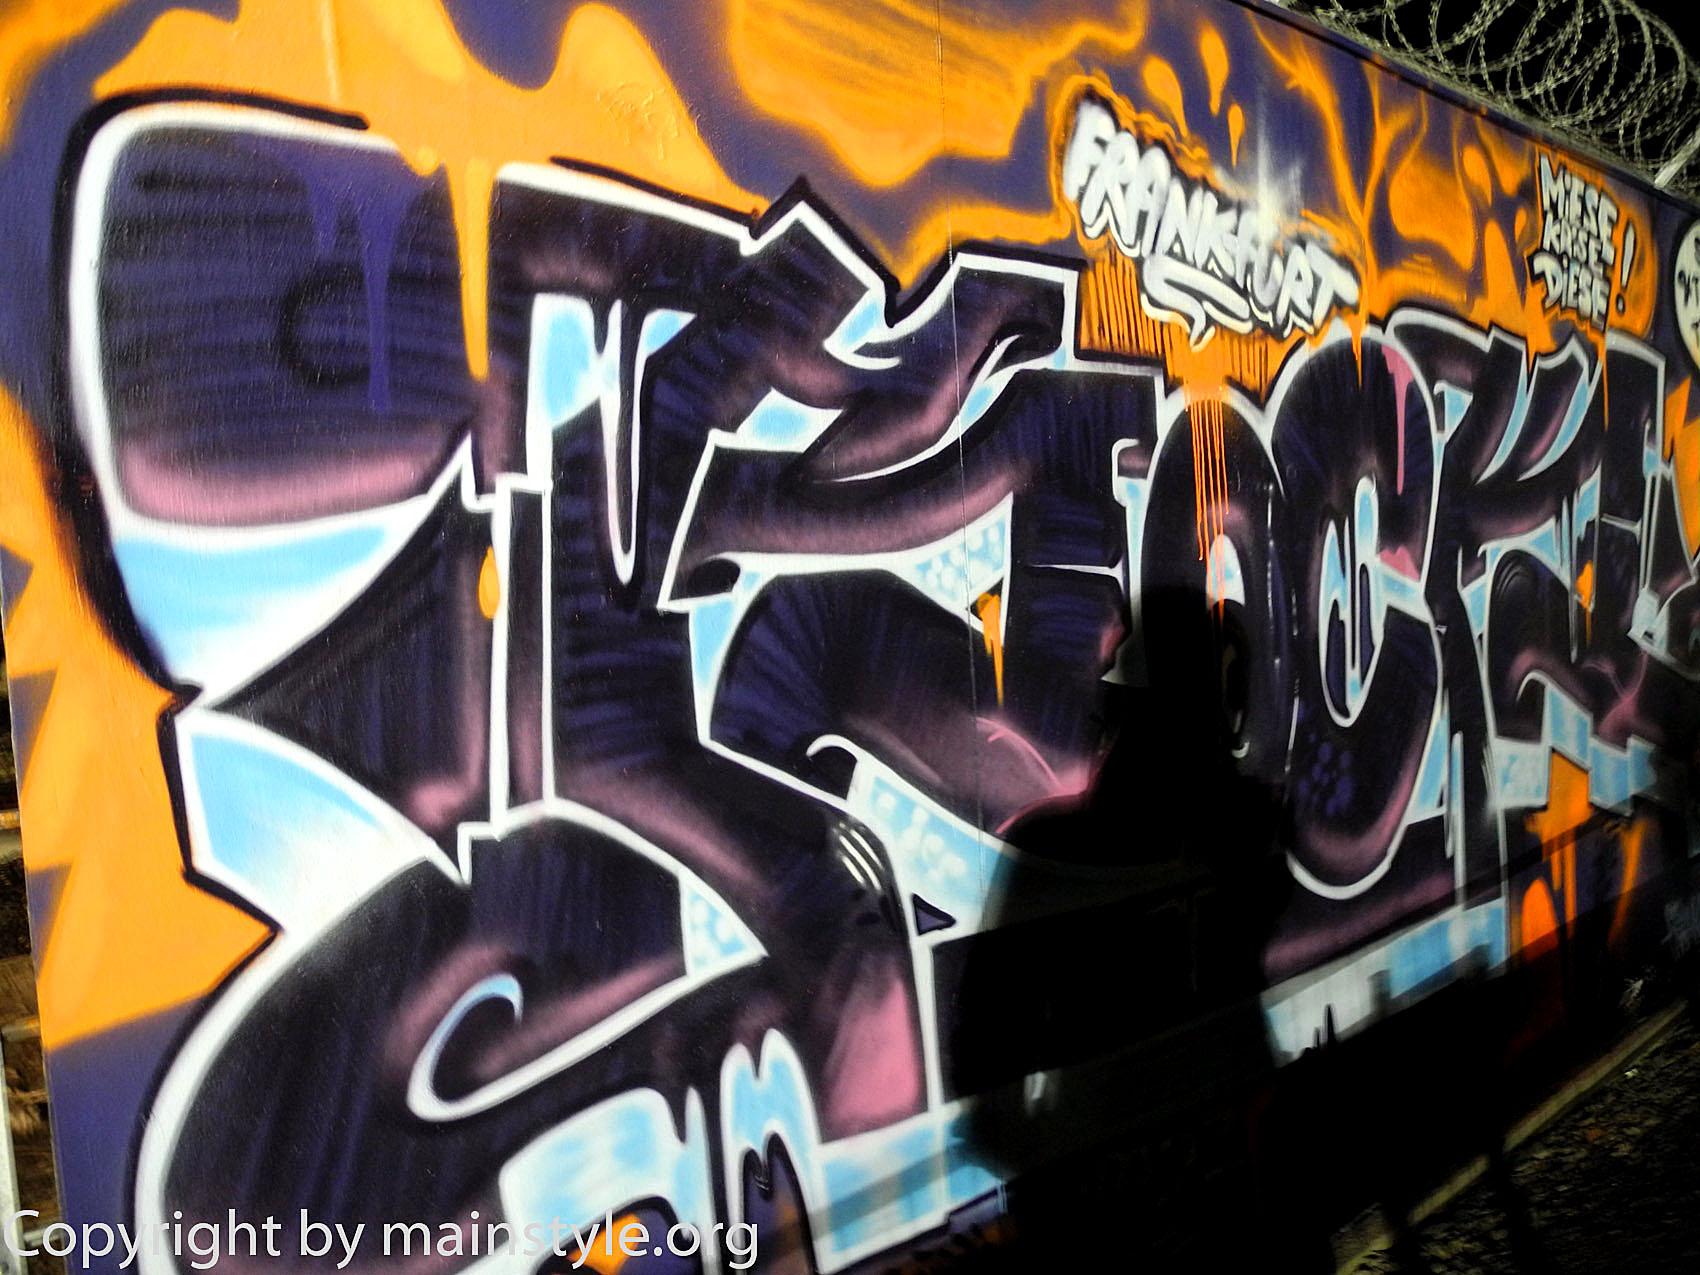 Frankfurt_Nacht_der_Museen_Graffiti_EZB_2013_-213